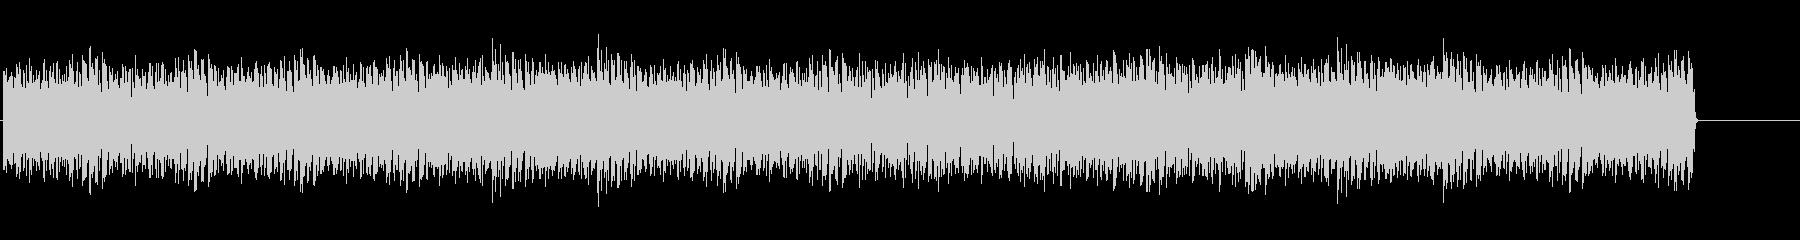 スピード感のあるテクノ(メニュー画面)の未再生の波形